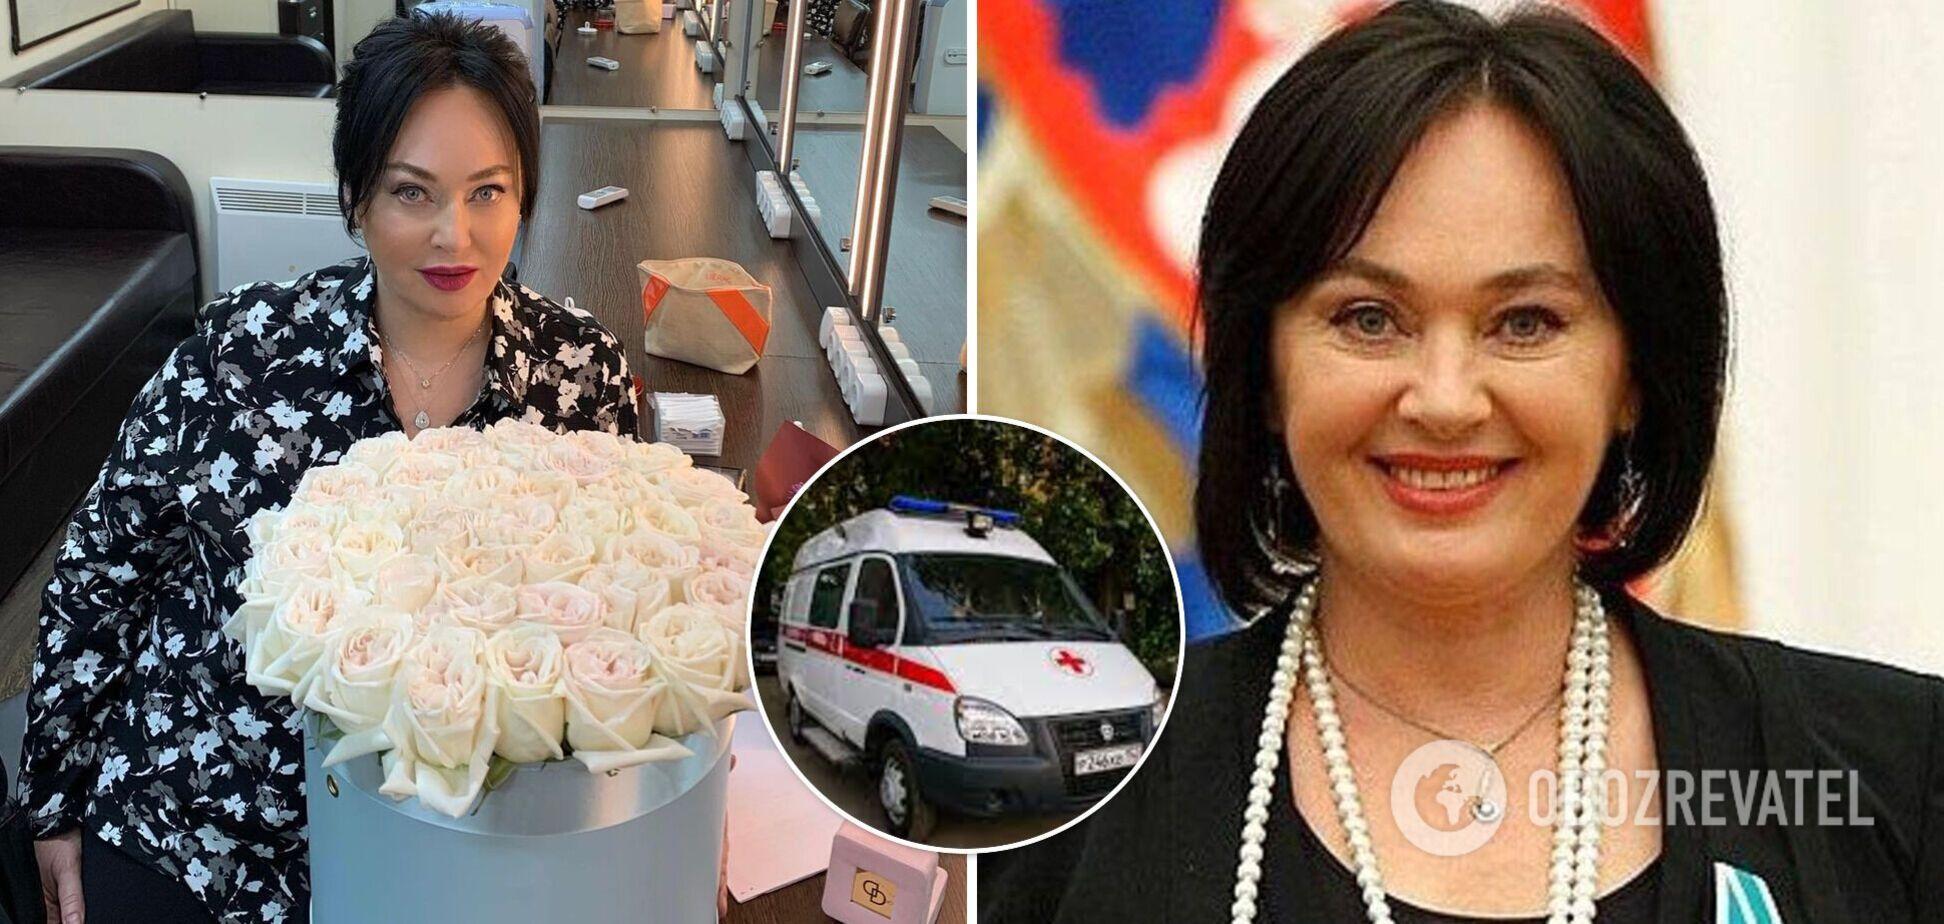 Скандальную Ларису Гузееву экстренно госпитализировали: что известно о ее состоянии